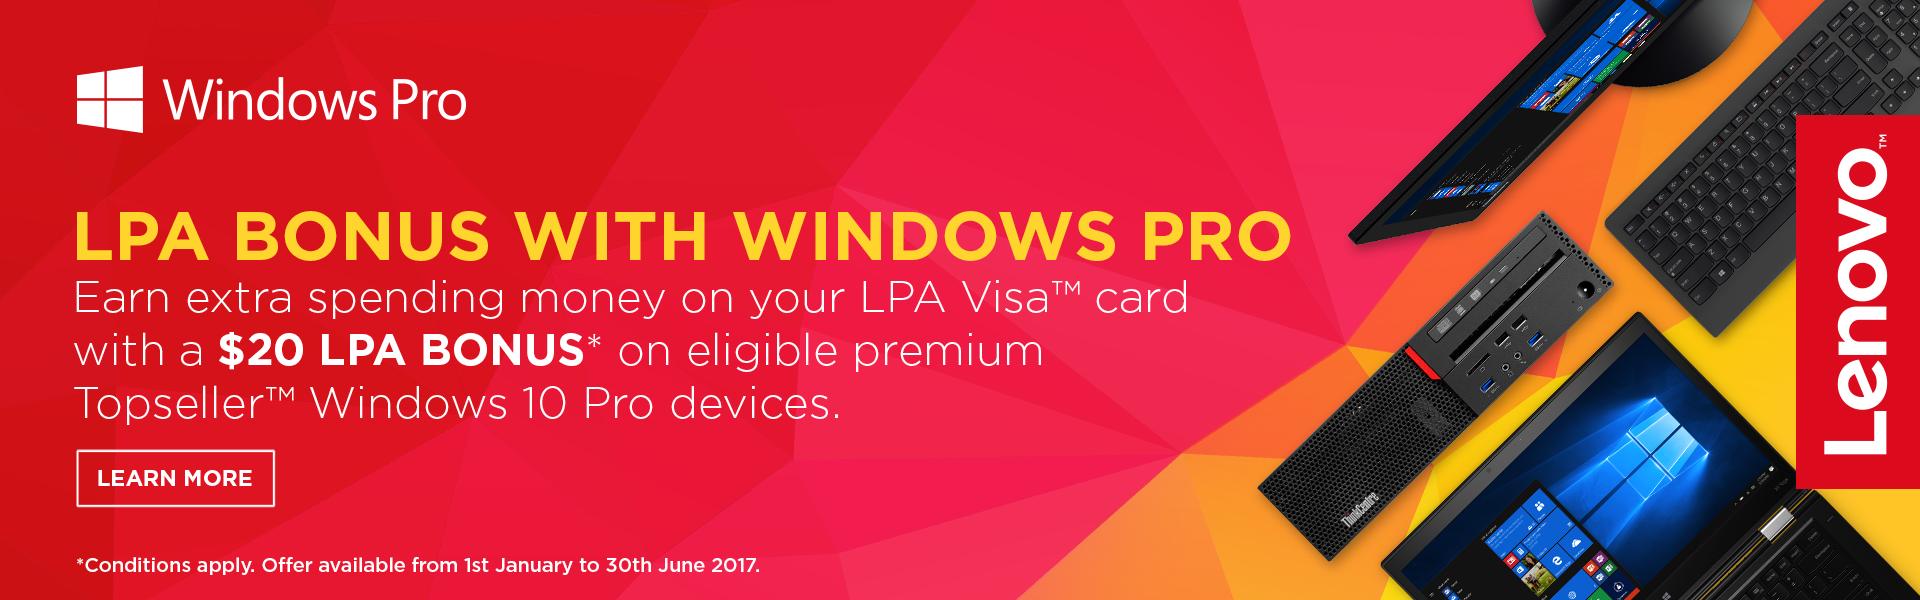 Windows Pro LPA Bonus